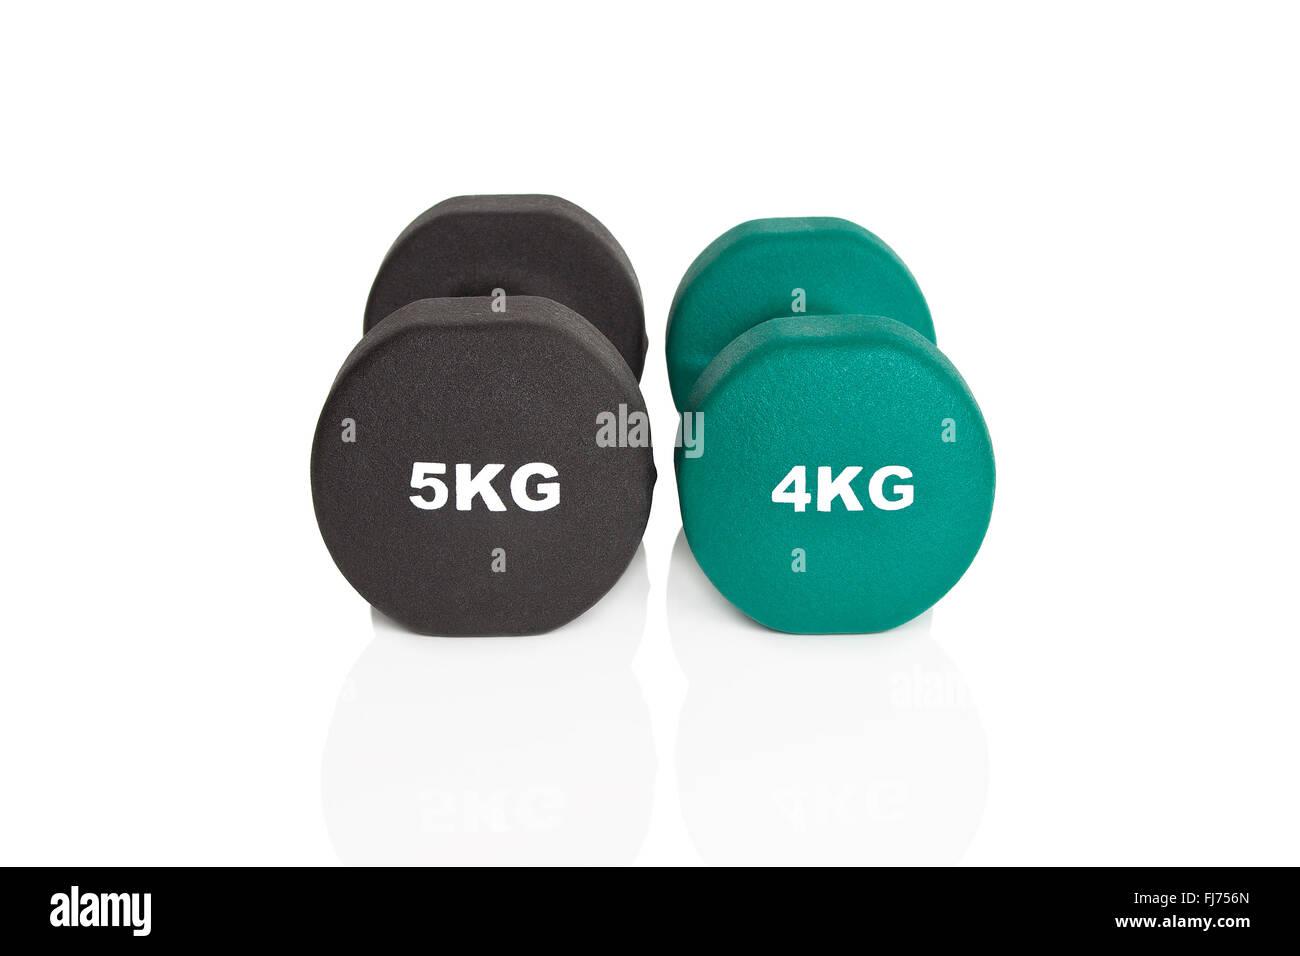 Verde 4kg e nero 5kg manubri isolati su sfondo bianco. I pesi per un allenamento di fitness. Immagini Stock